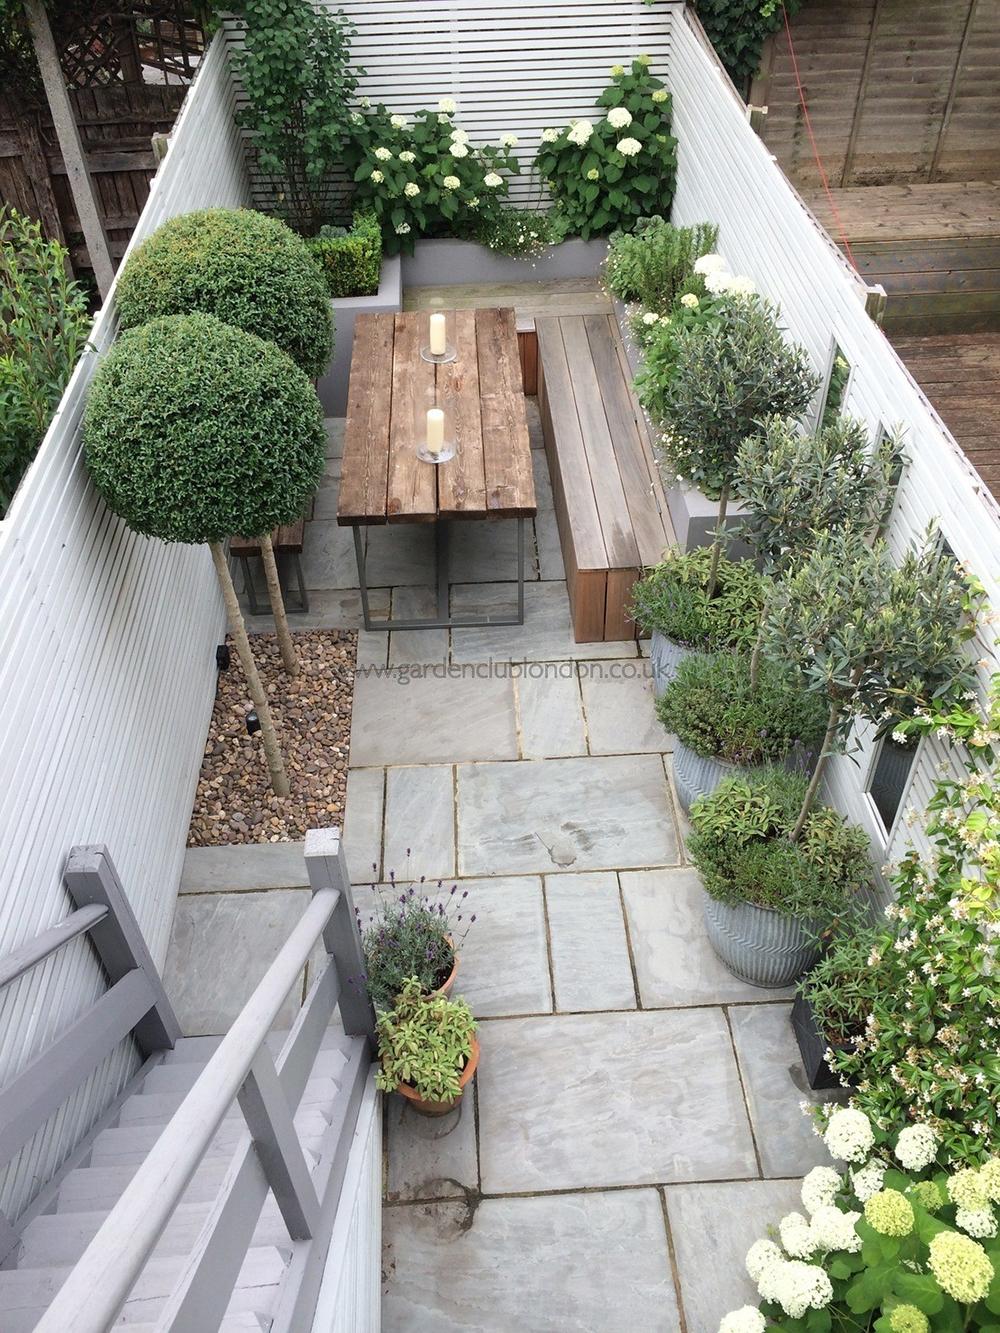 Traumhafte Ideen, wie ihr eure kleine Terrasse gestalten könnt ...